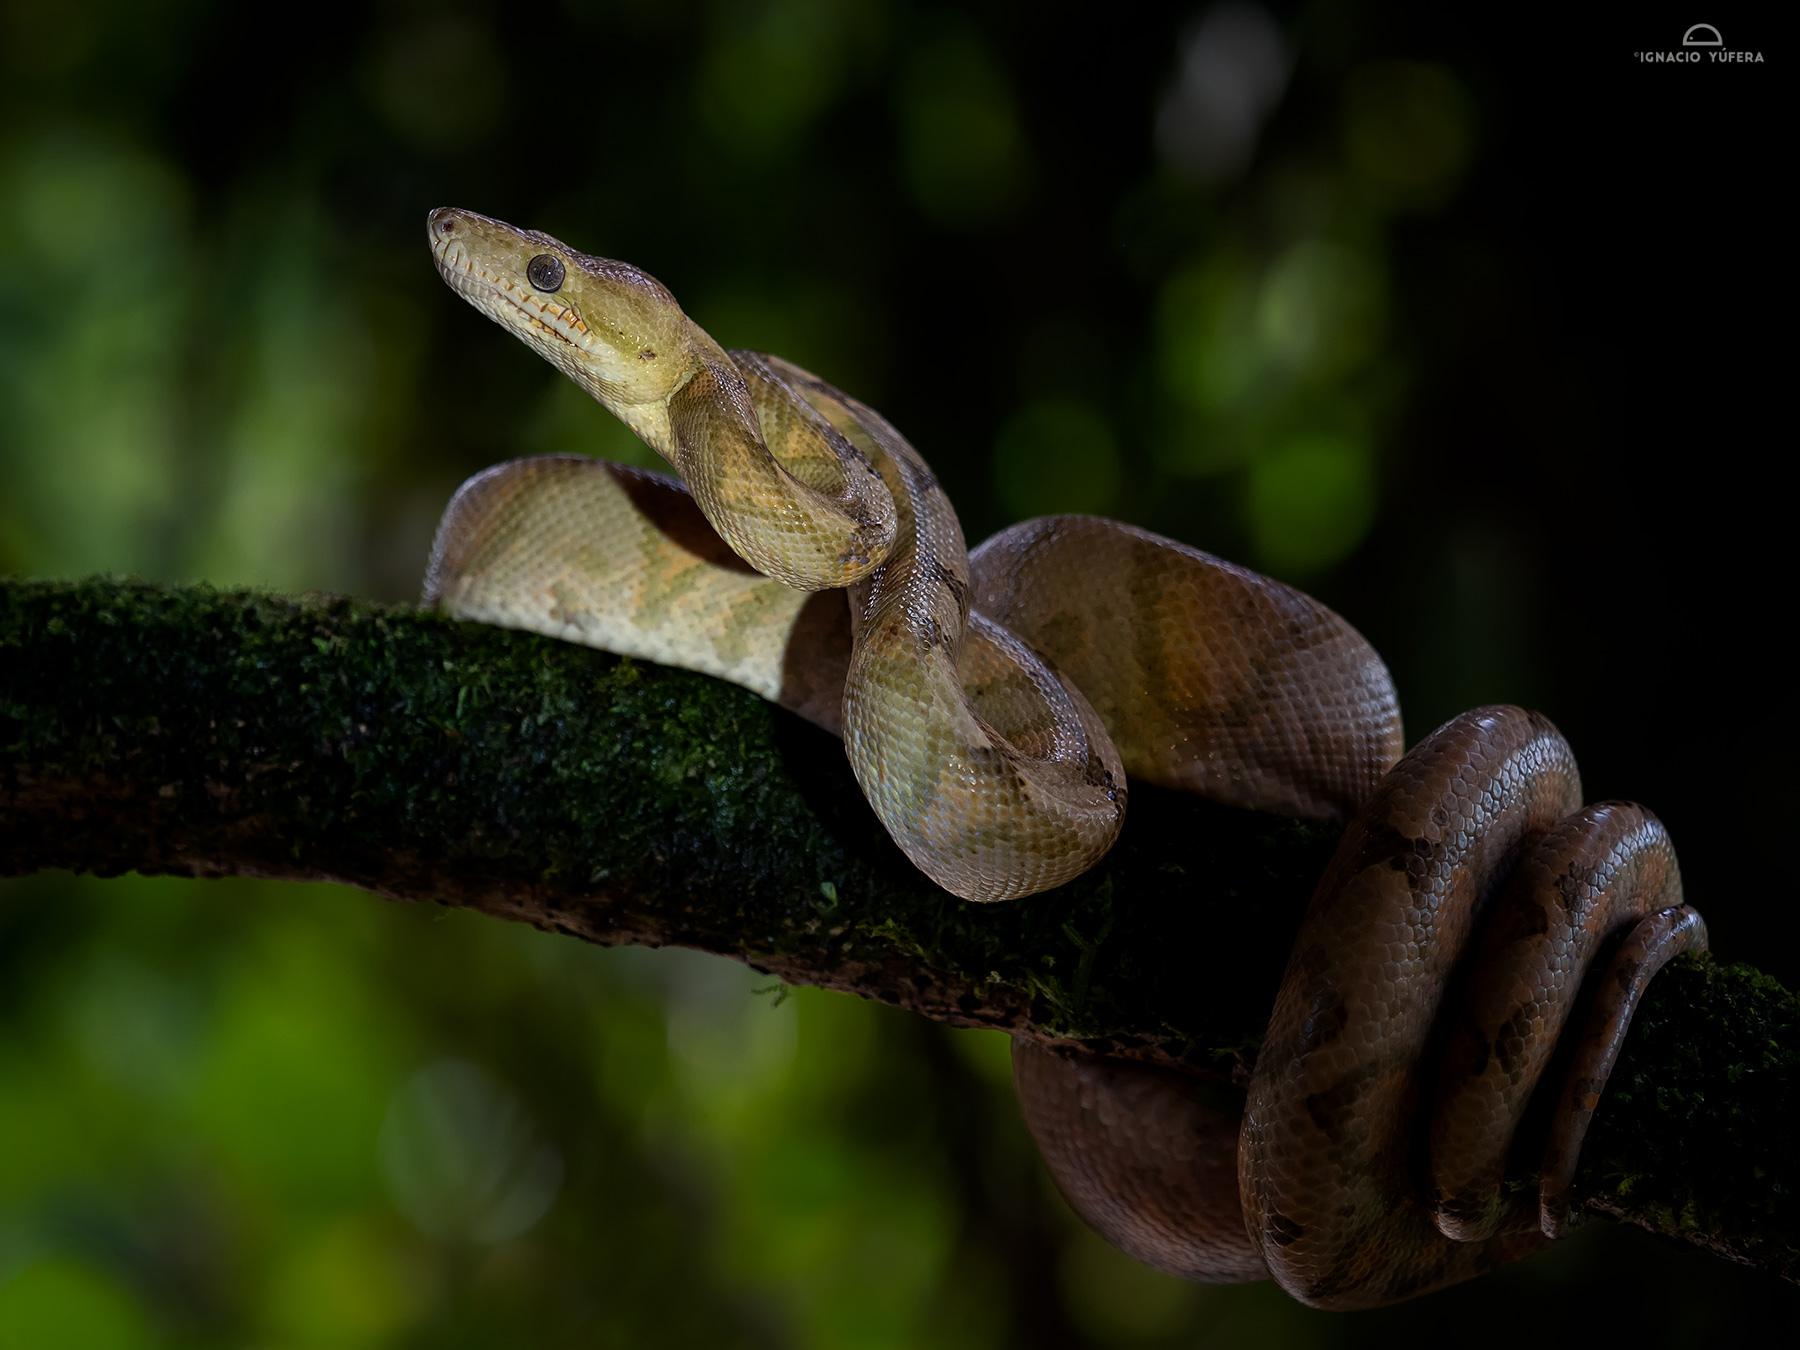 Annulatedd Tree Boa (Corallus annulatus), Costa Rica